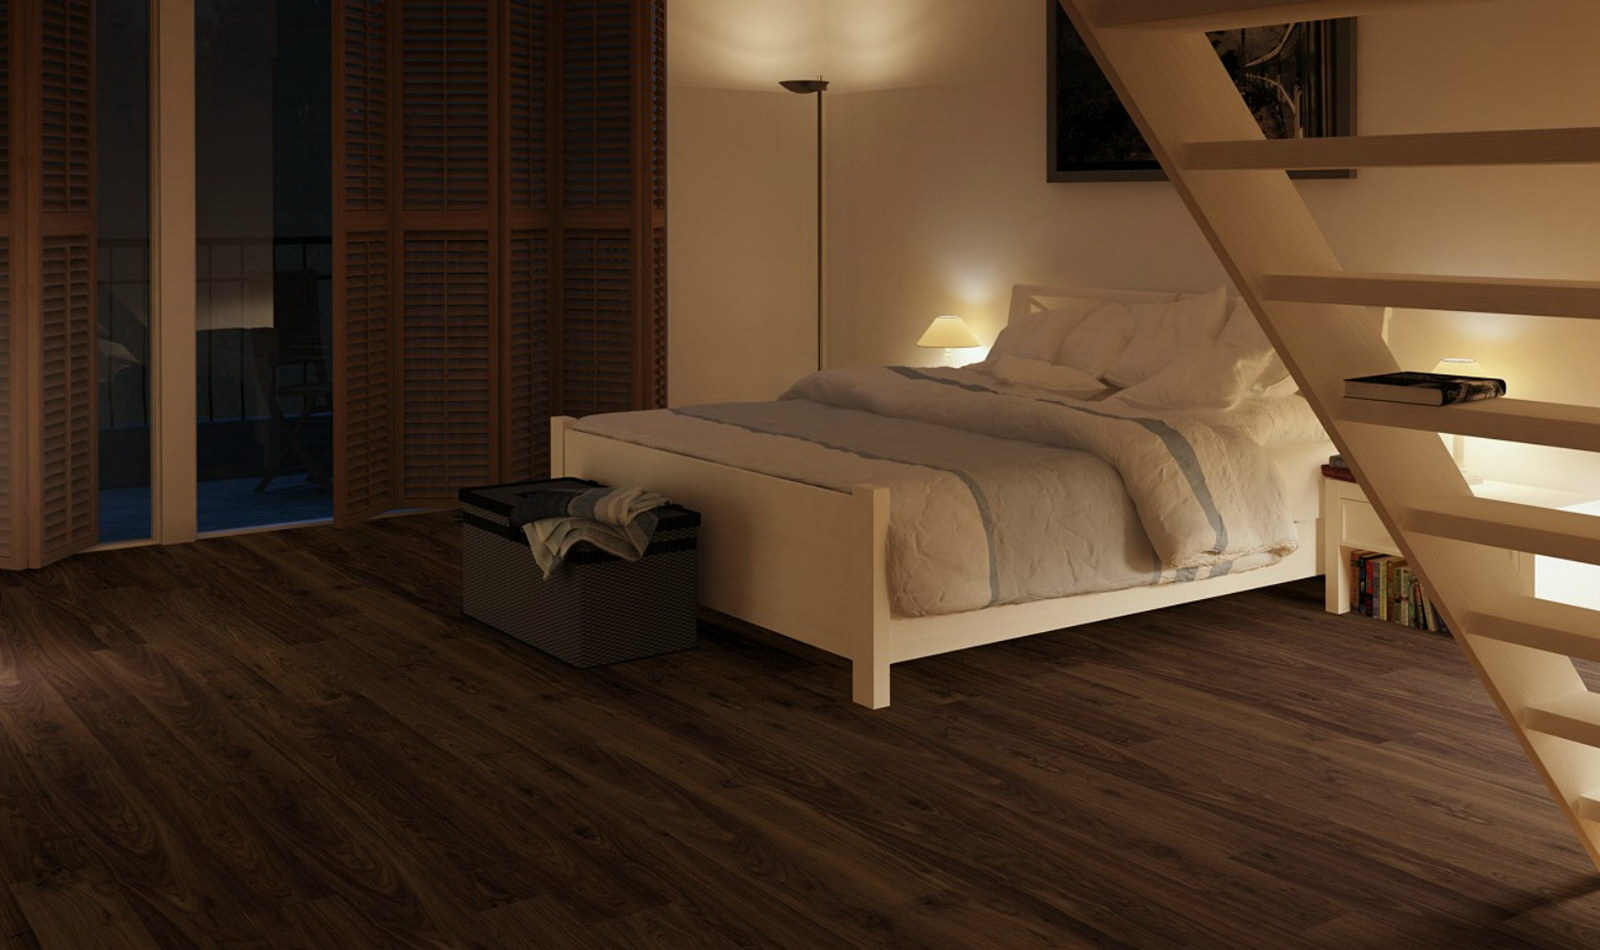 Ламинат под орех в интерьере спальни загородного дома